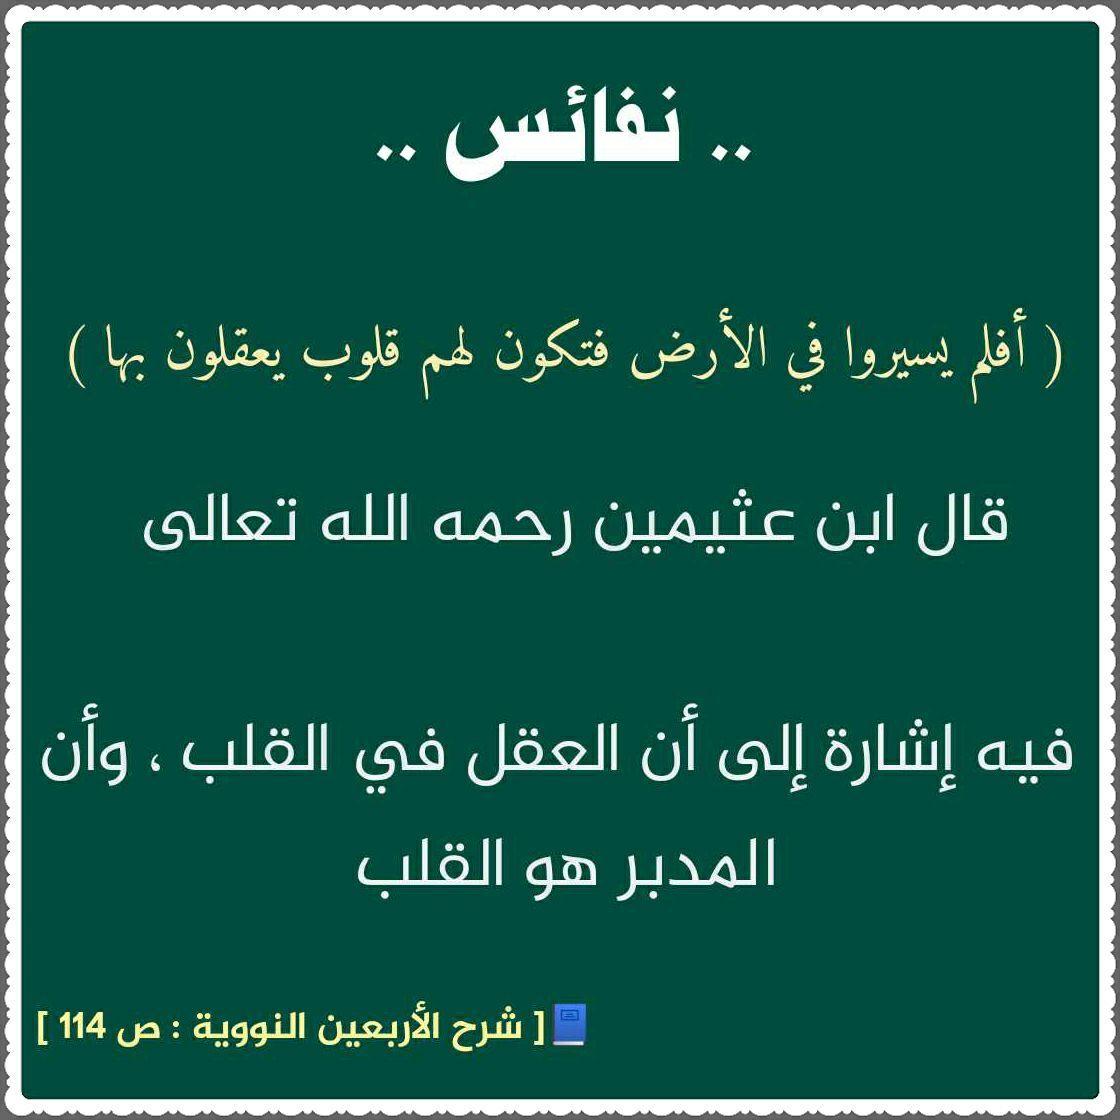 Pin By الأثر الجميل On أقوال الصحابة والعلماء Hsi